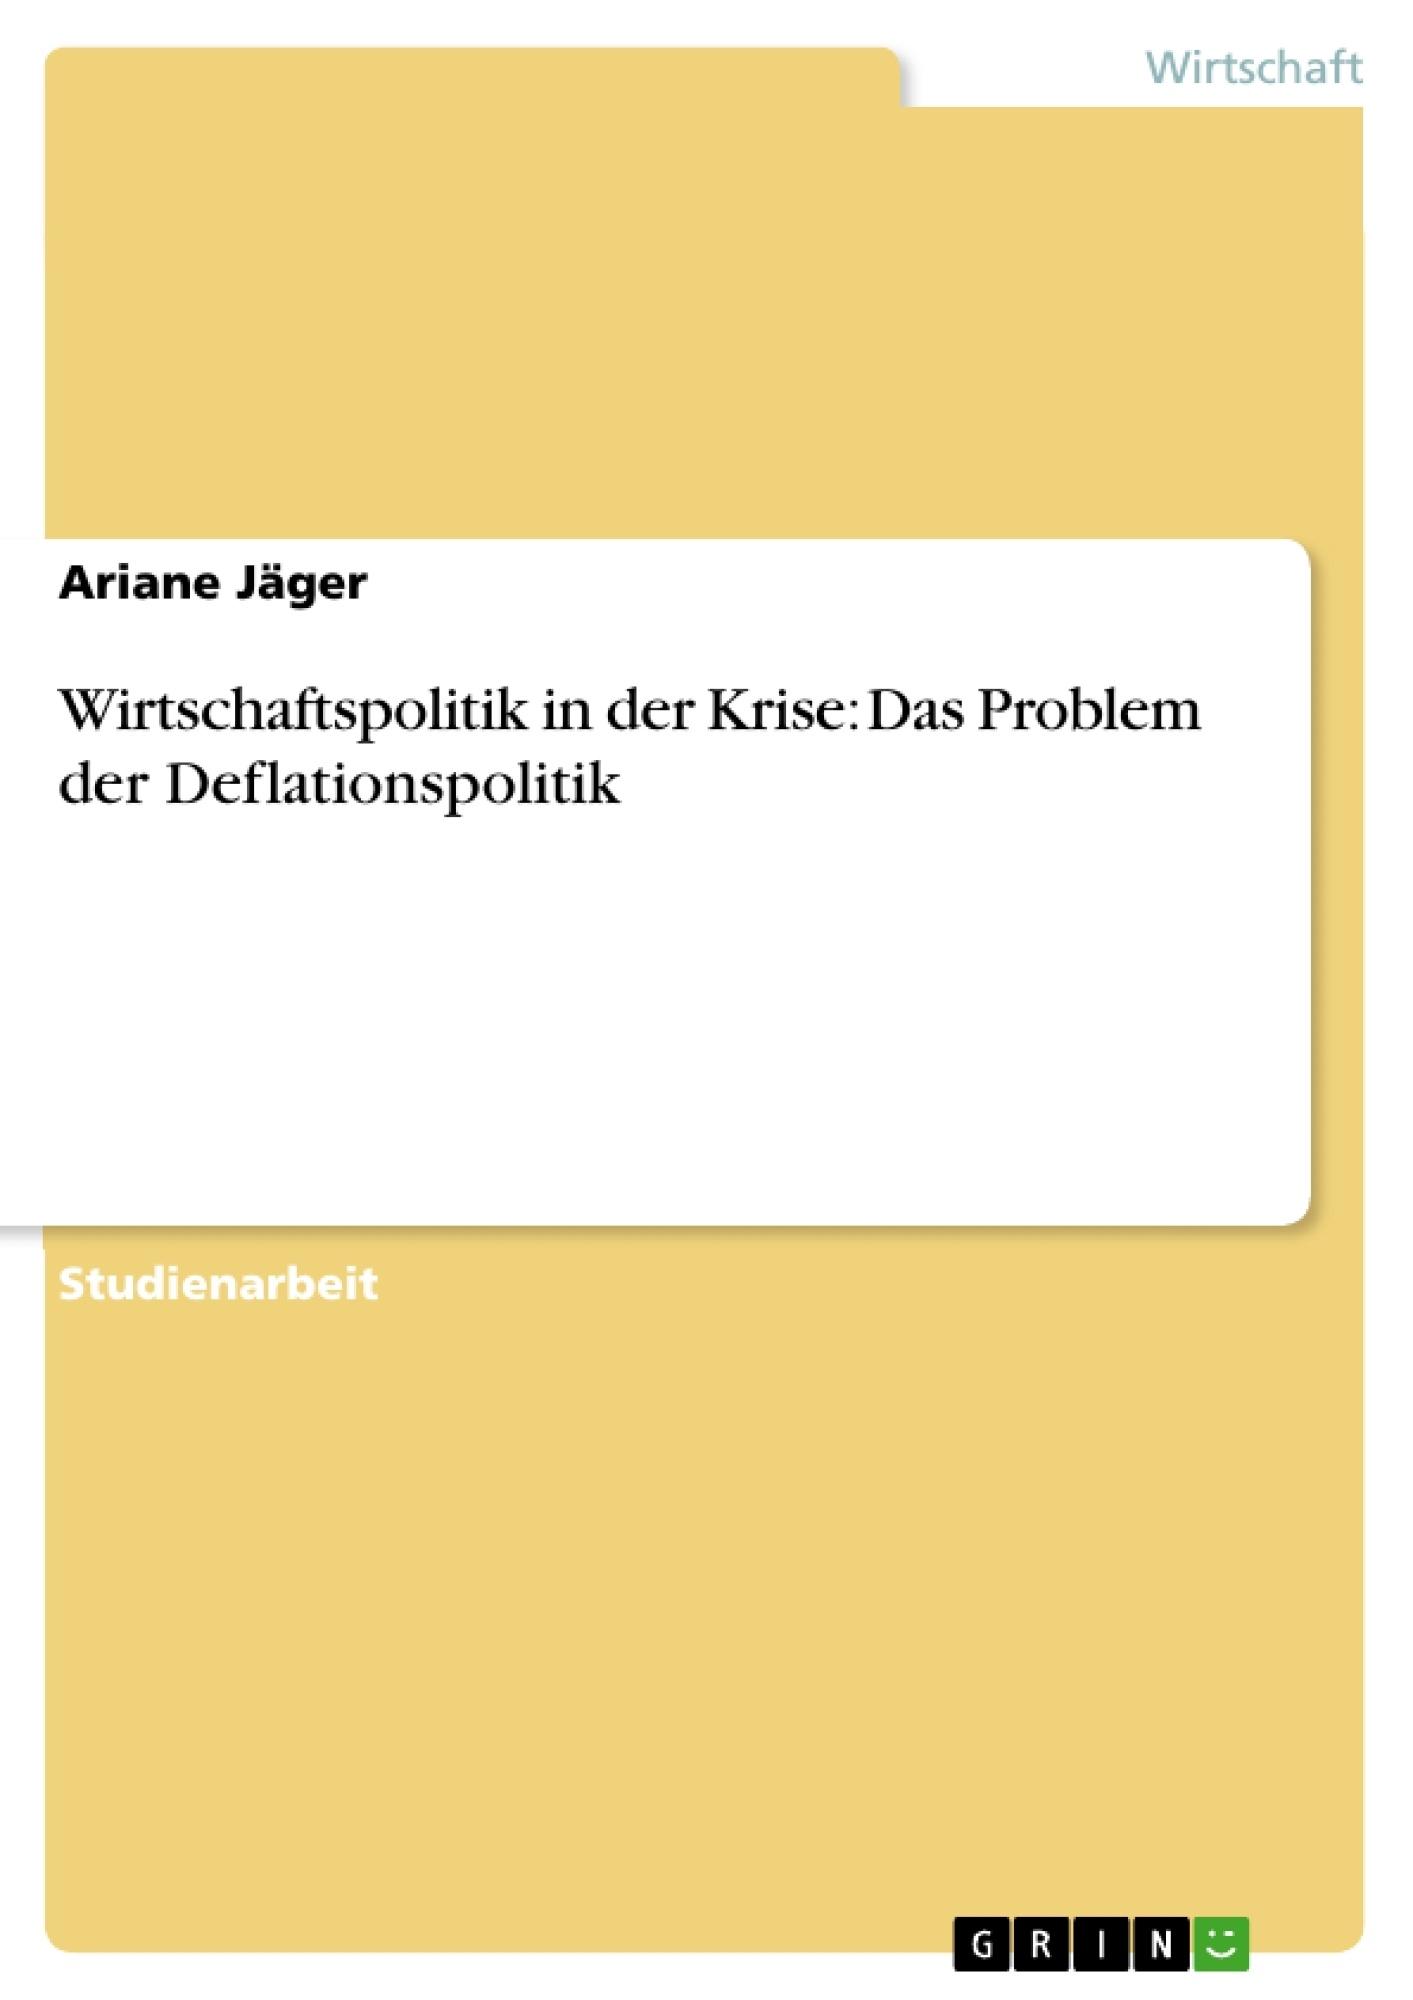 Titel: Wirtschaftspolitik in der Krise: Das Problem der Deflationspolitik